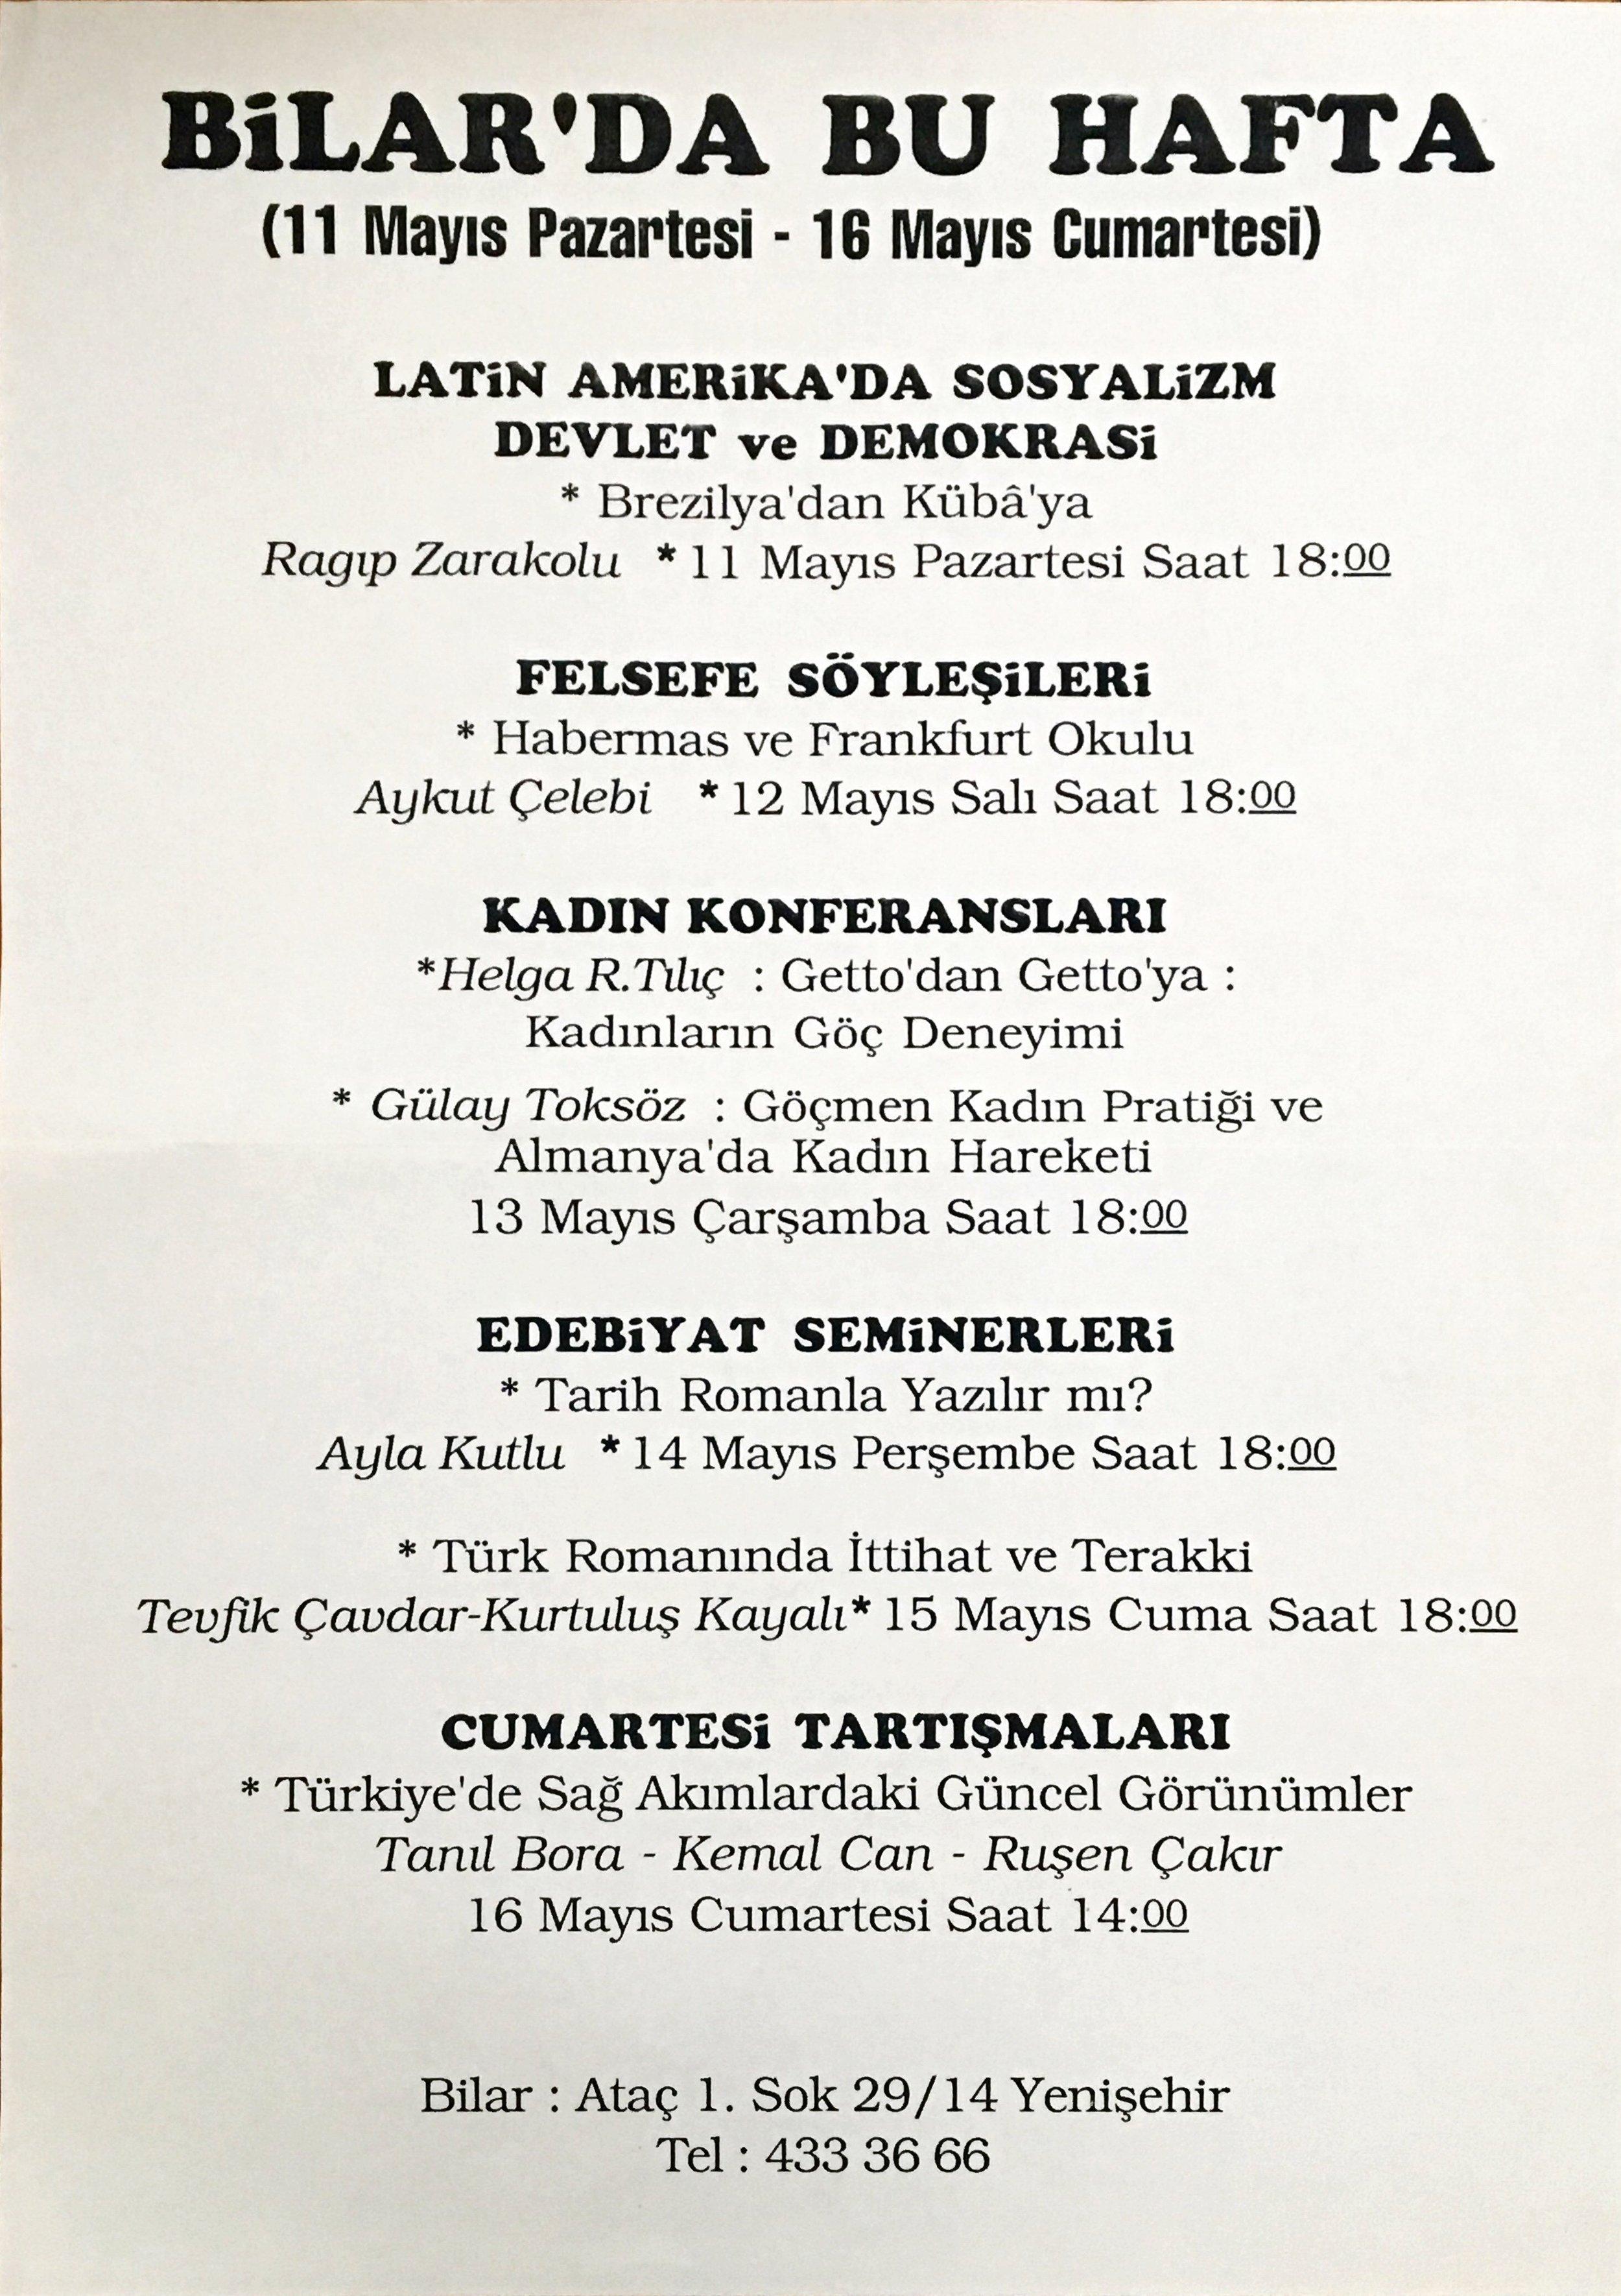 1992-Mayis_afis_bilarda-bu-hafta.JPG